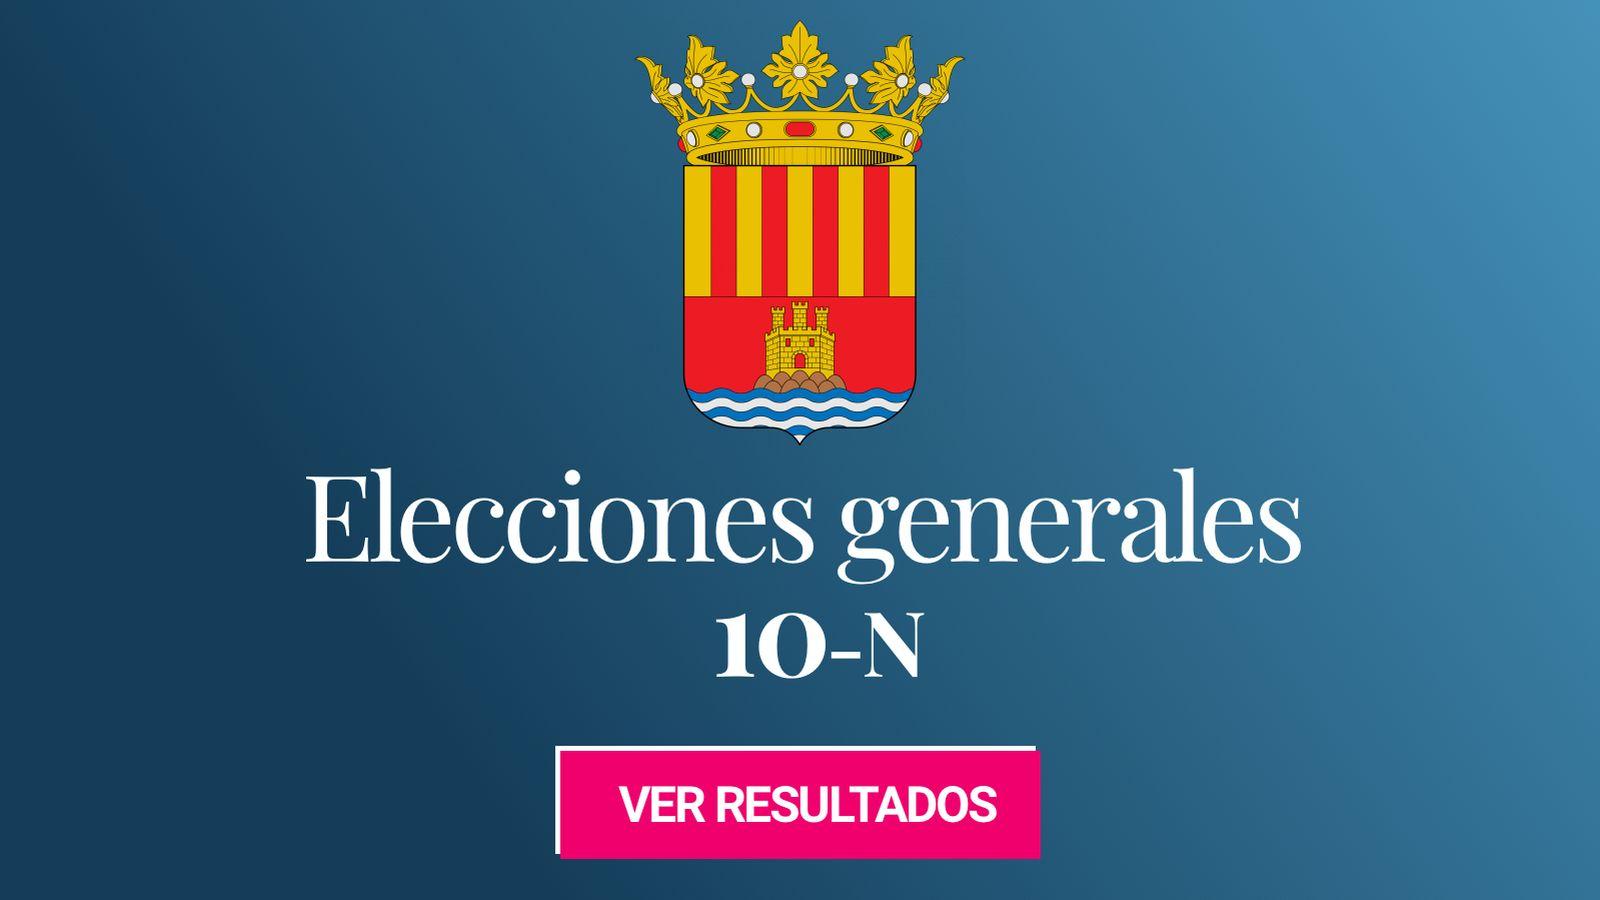 Foto: Elecciones generales 2019 en la provincia de Alicante. (C.C./HansenBCN)